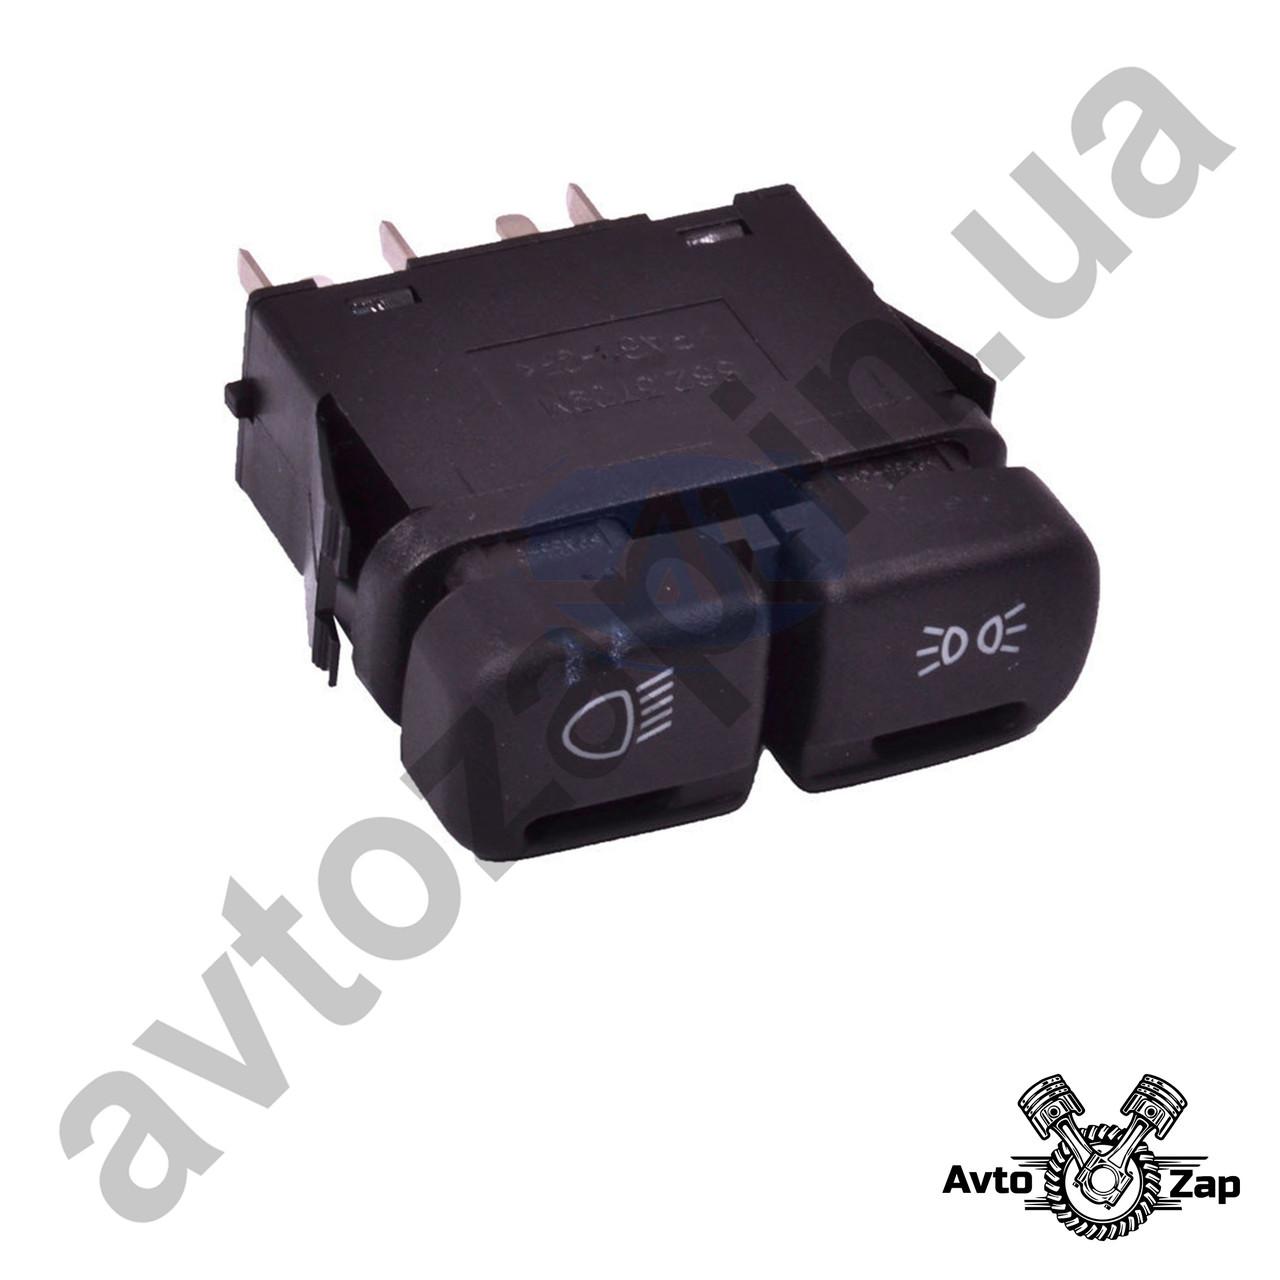 Кнопка включения наружного освещения ВАЗ 2108-09 выс. панель   11396